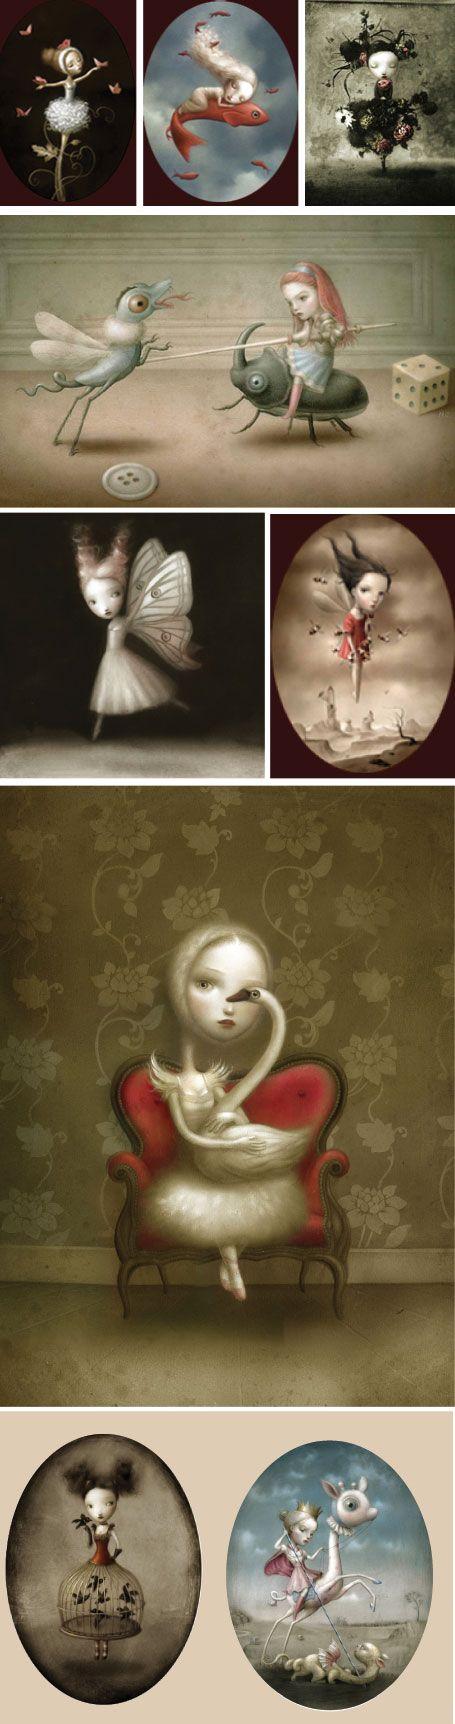 Nicoletta Ceccoli-  Love this!